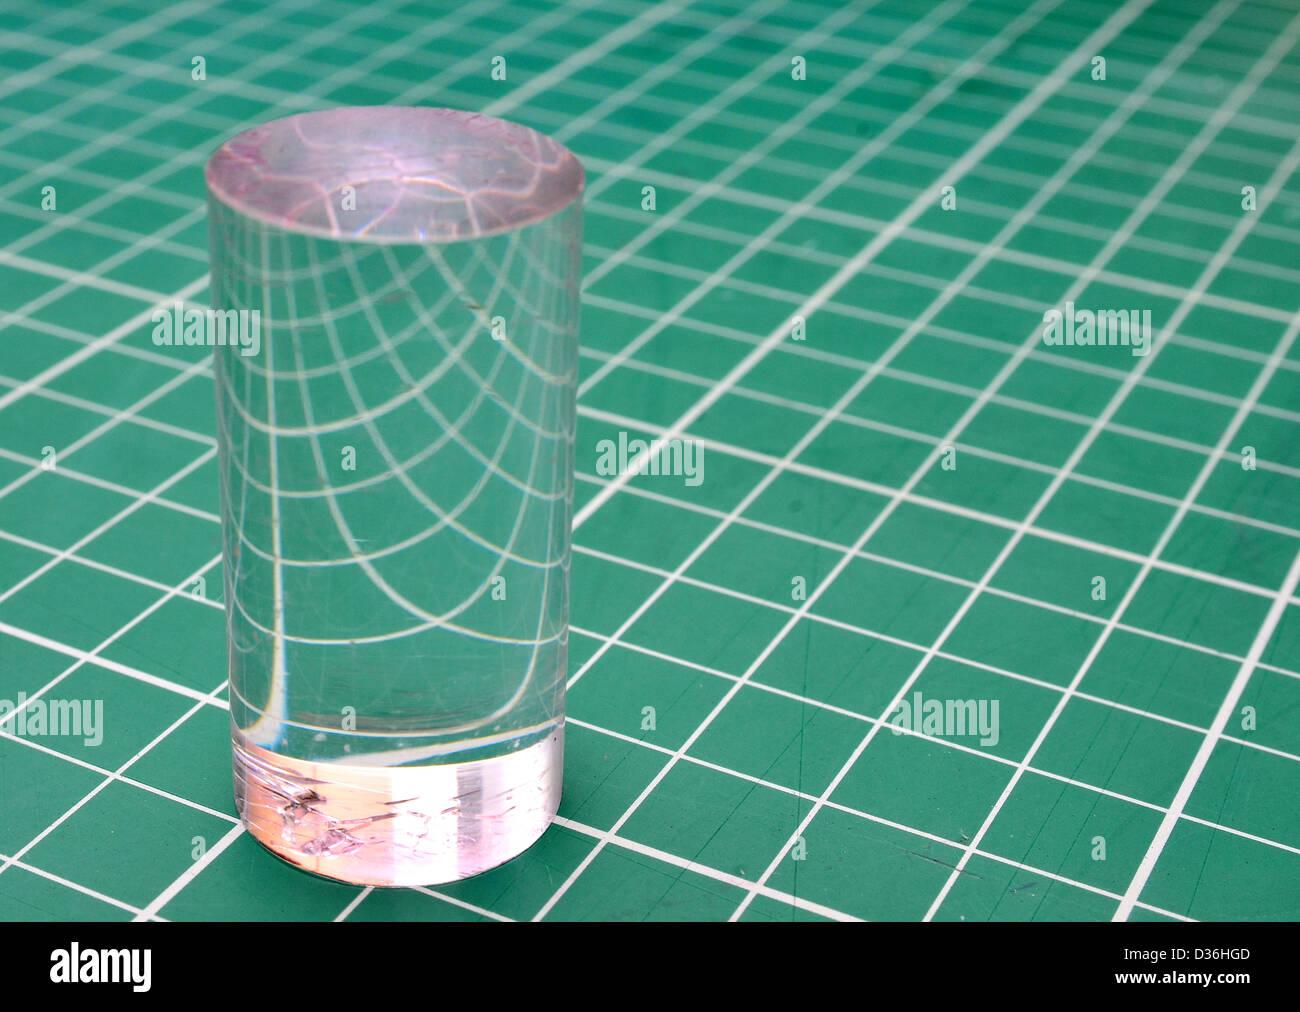 Vérin de perspex montrant la réfraction de la lumière sur une grille carrée Photo Stock